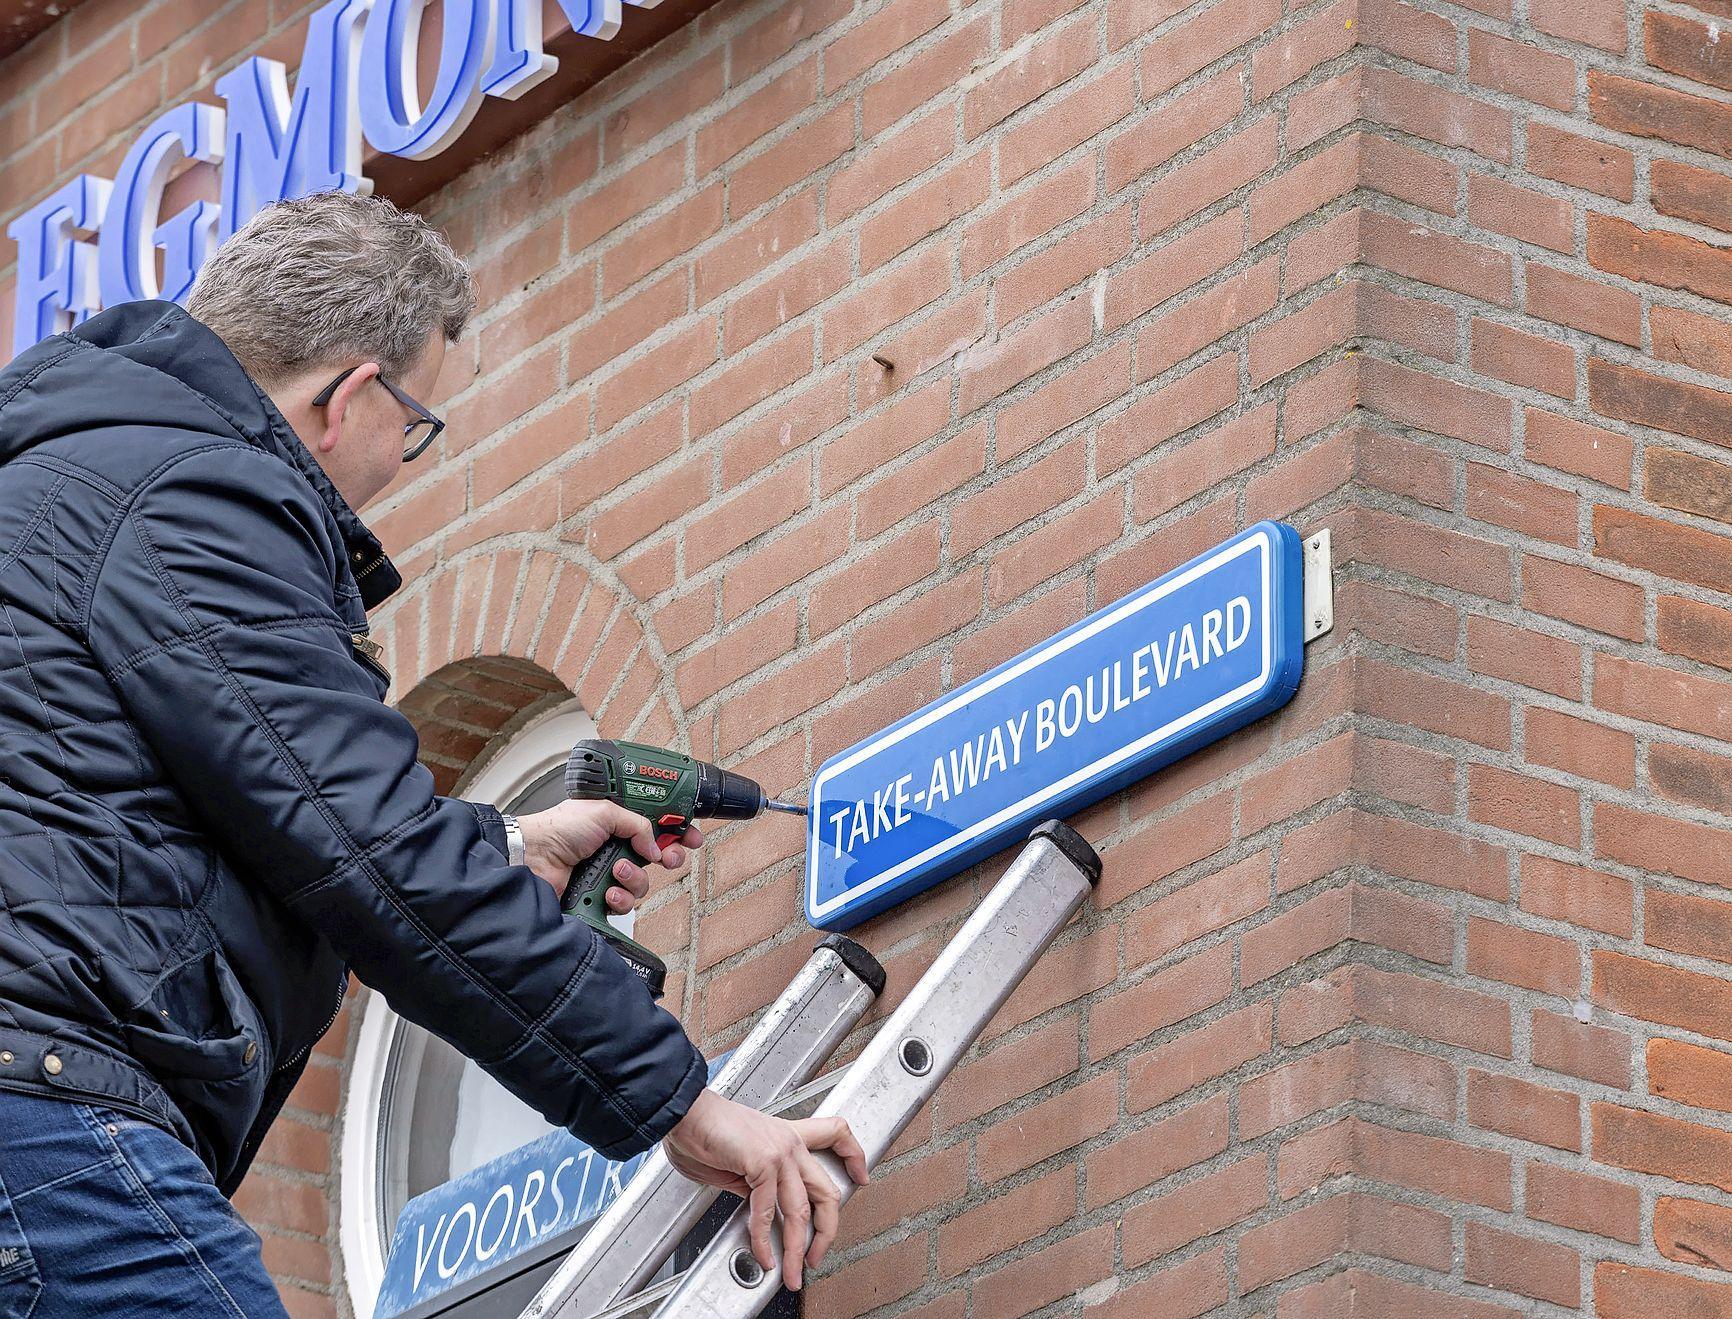 De Voorstraat in Egmond aan Zee is weg, vanaf nu is iedereen welkom op Take-Away Boulevard: 'We moeten met z'n allen geweldig positief blijven'